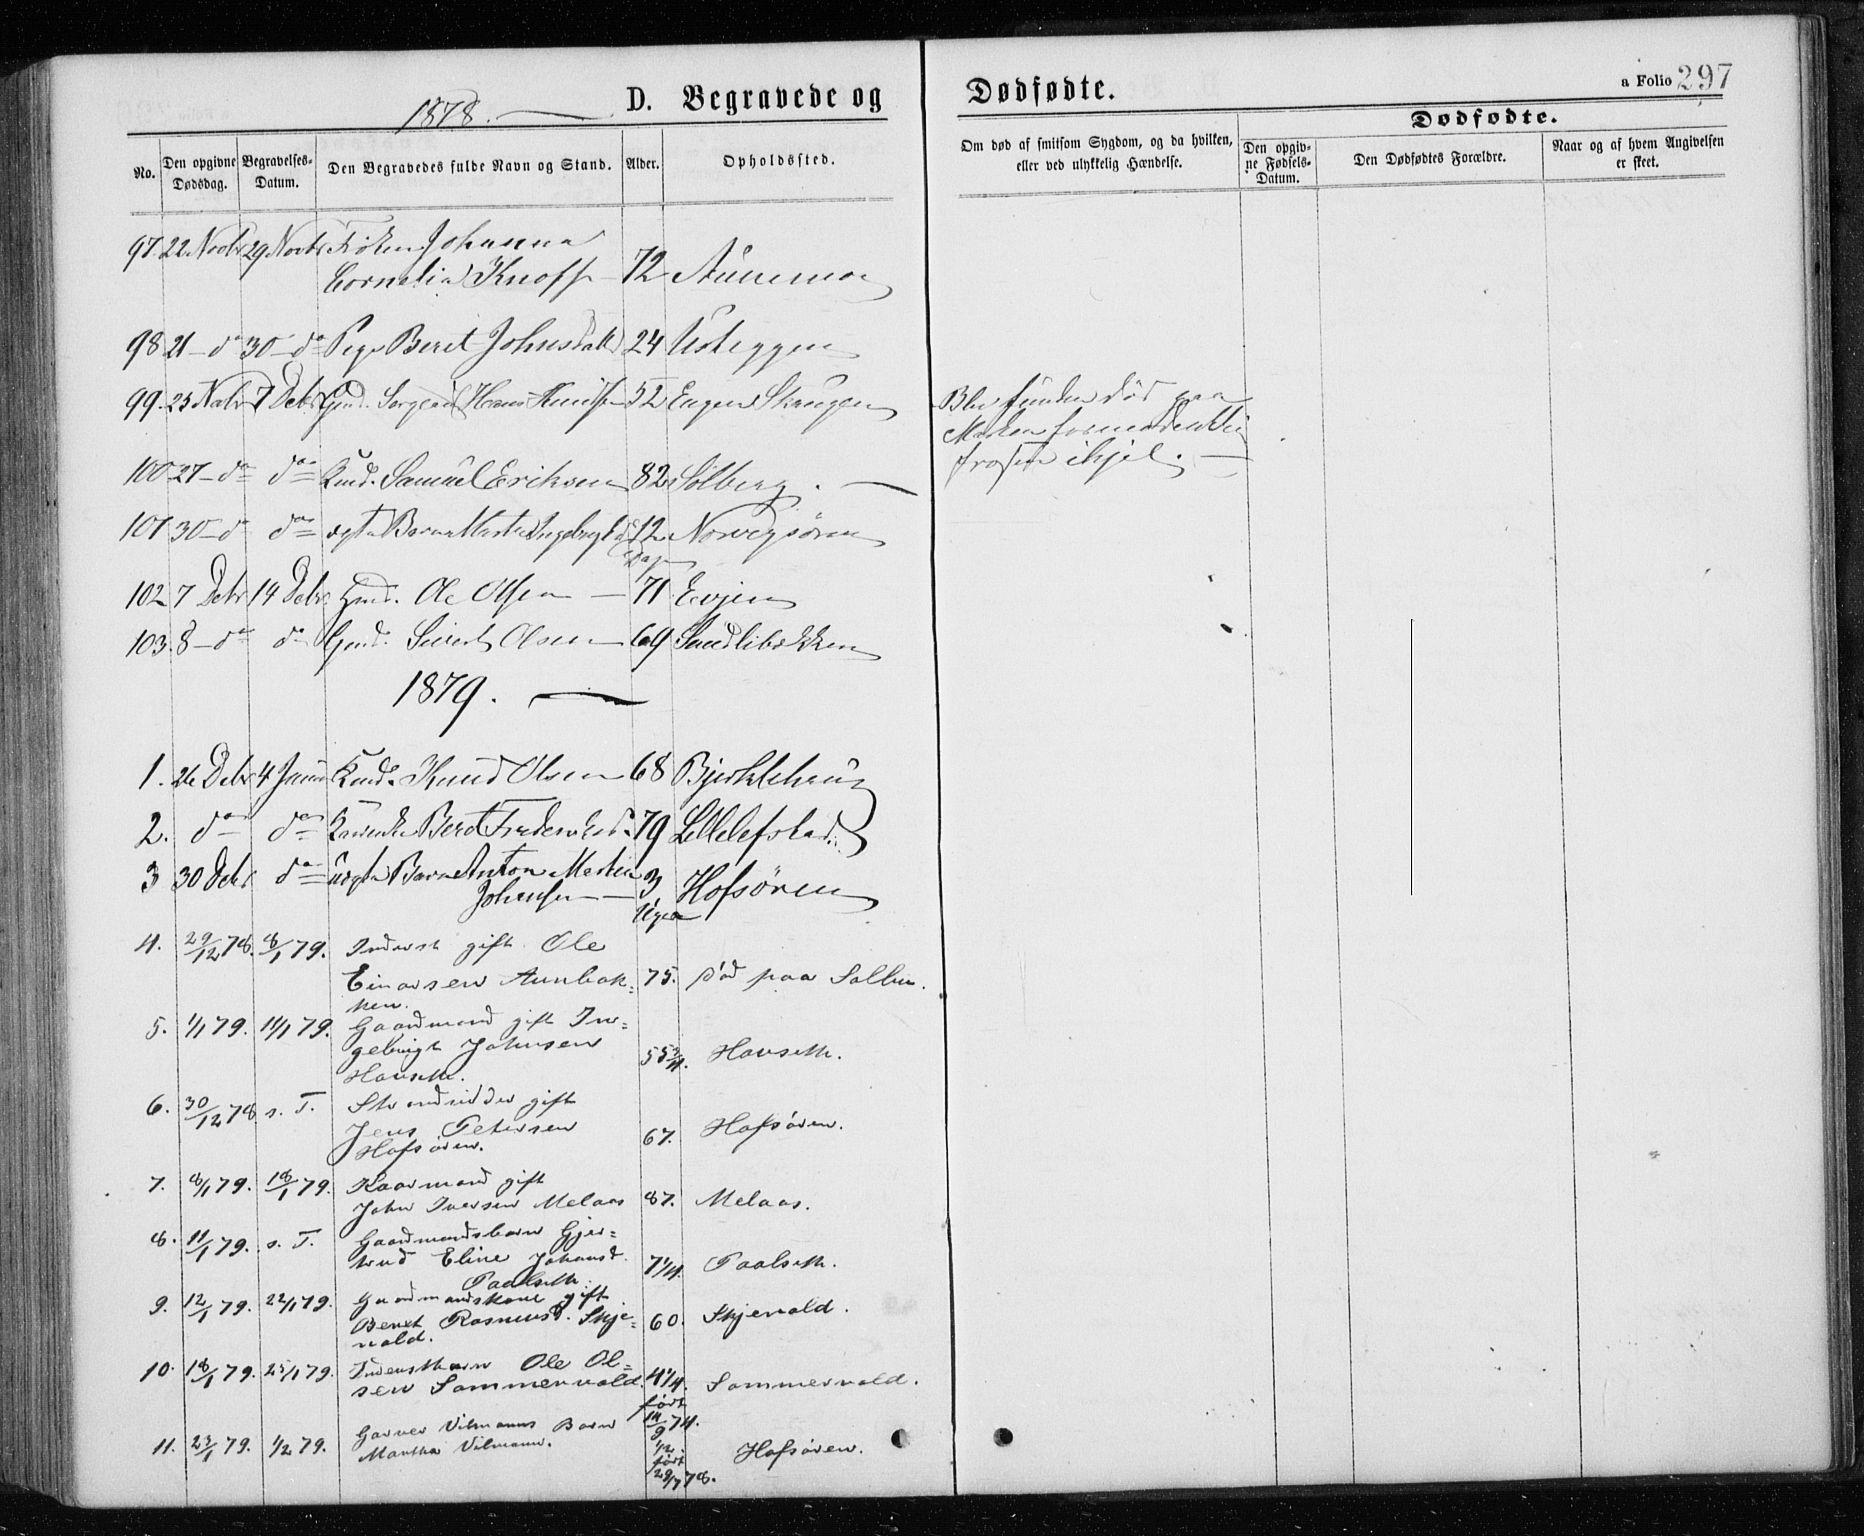 SAT, Ministerialprotokoller, klokkerbøker og fødselsregistre - Sør-Trøndelag, 668/L0817: Klokkerbok nr. 668C06, 1873-1884, s. 297